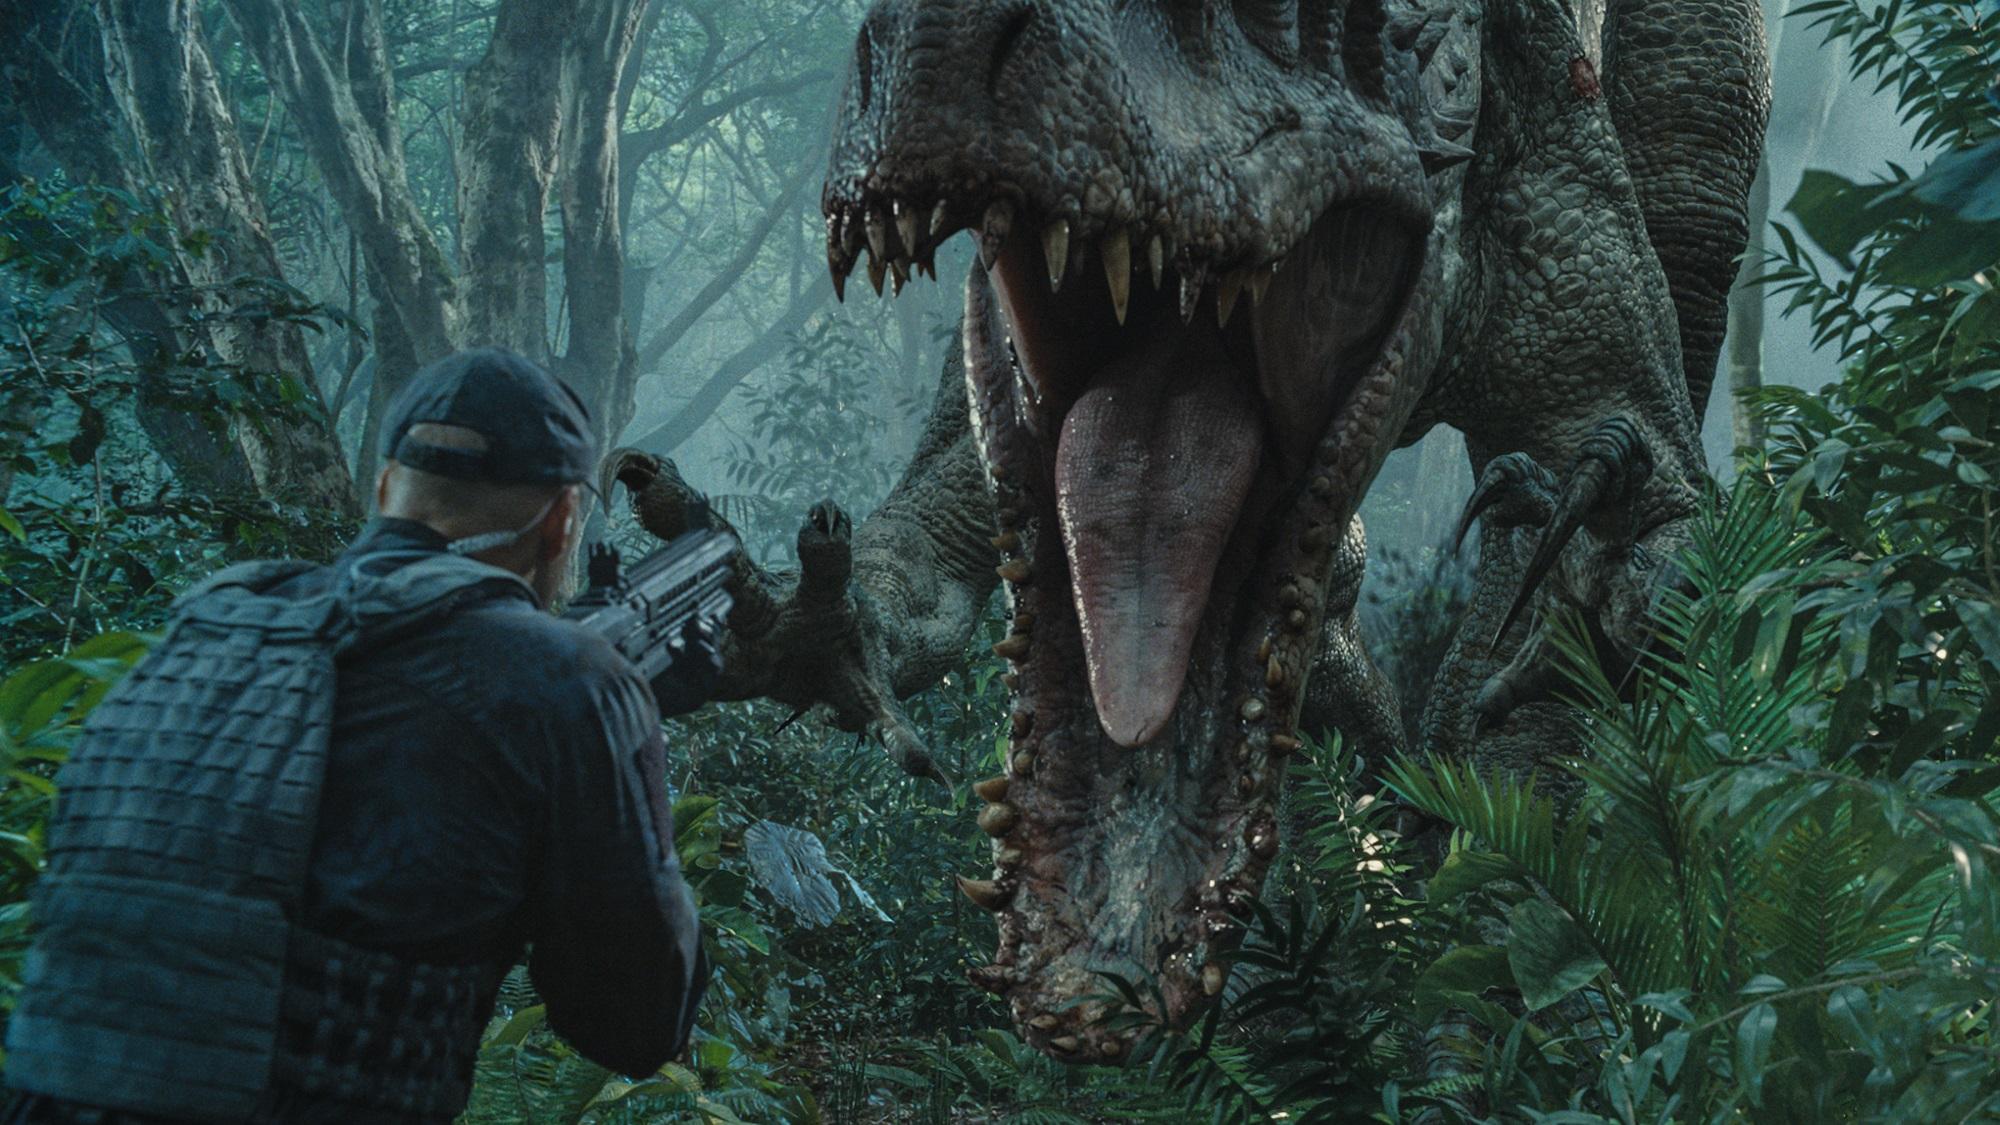 Reżyser filmu Jurassic World zapowiada, że sequel będzie naprawdę straszny